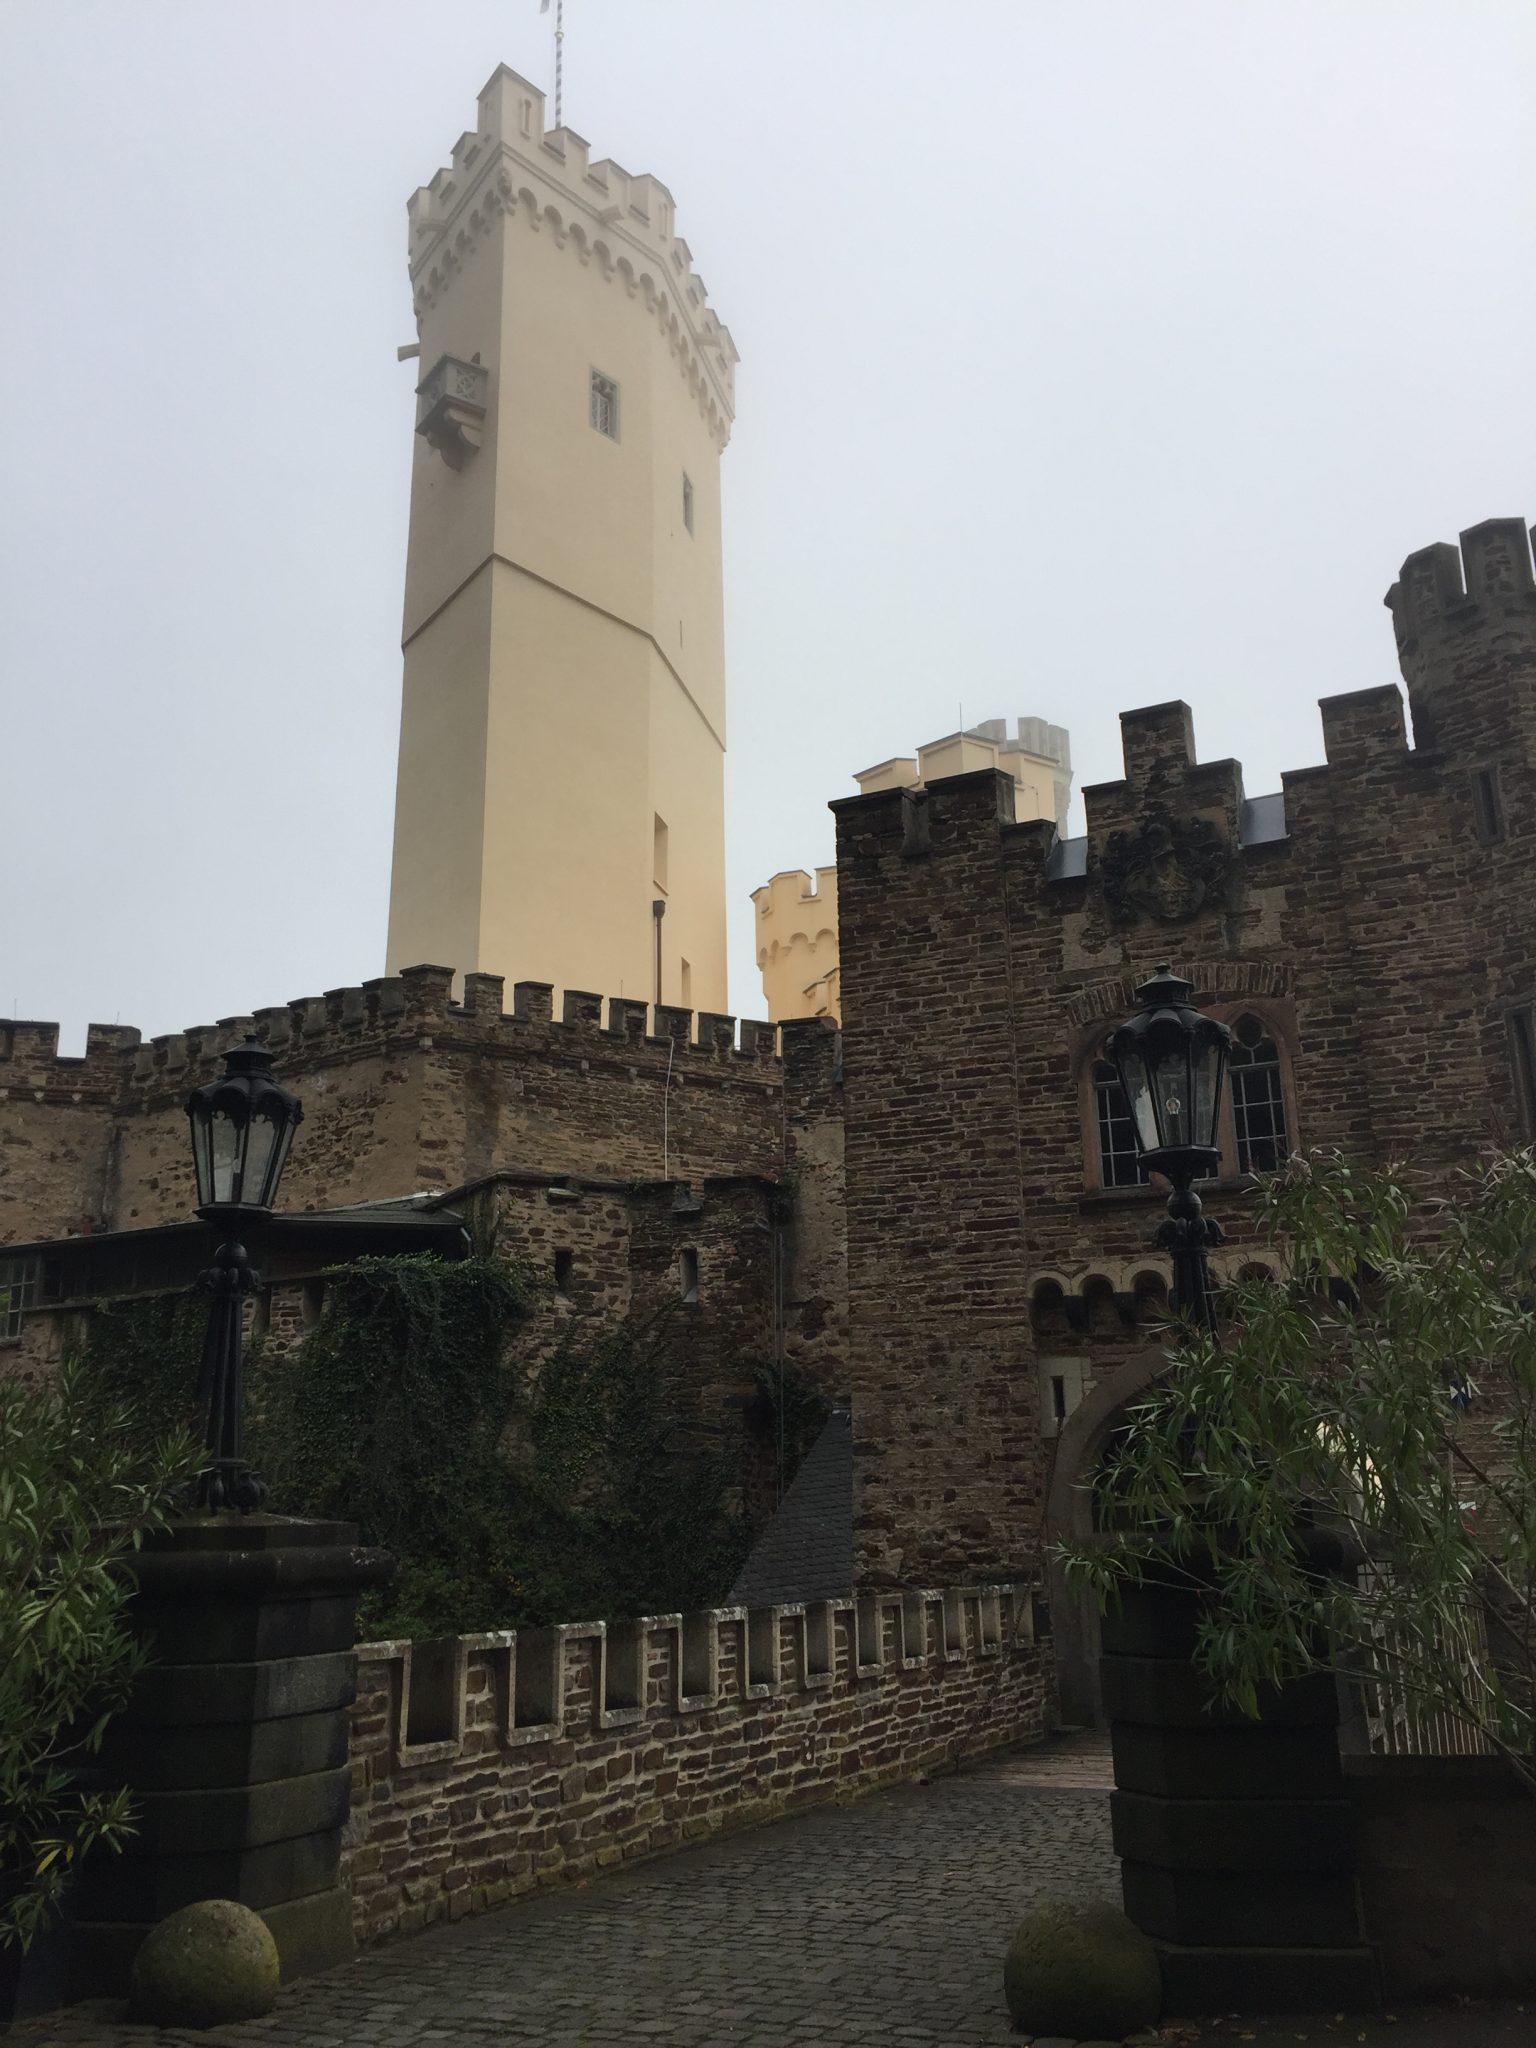 Blick auf Schloss Stolzenfels, Mosel-Camino Etappe 1 nach Alken